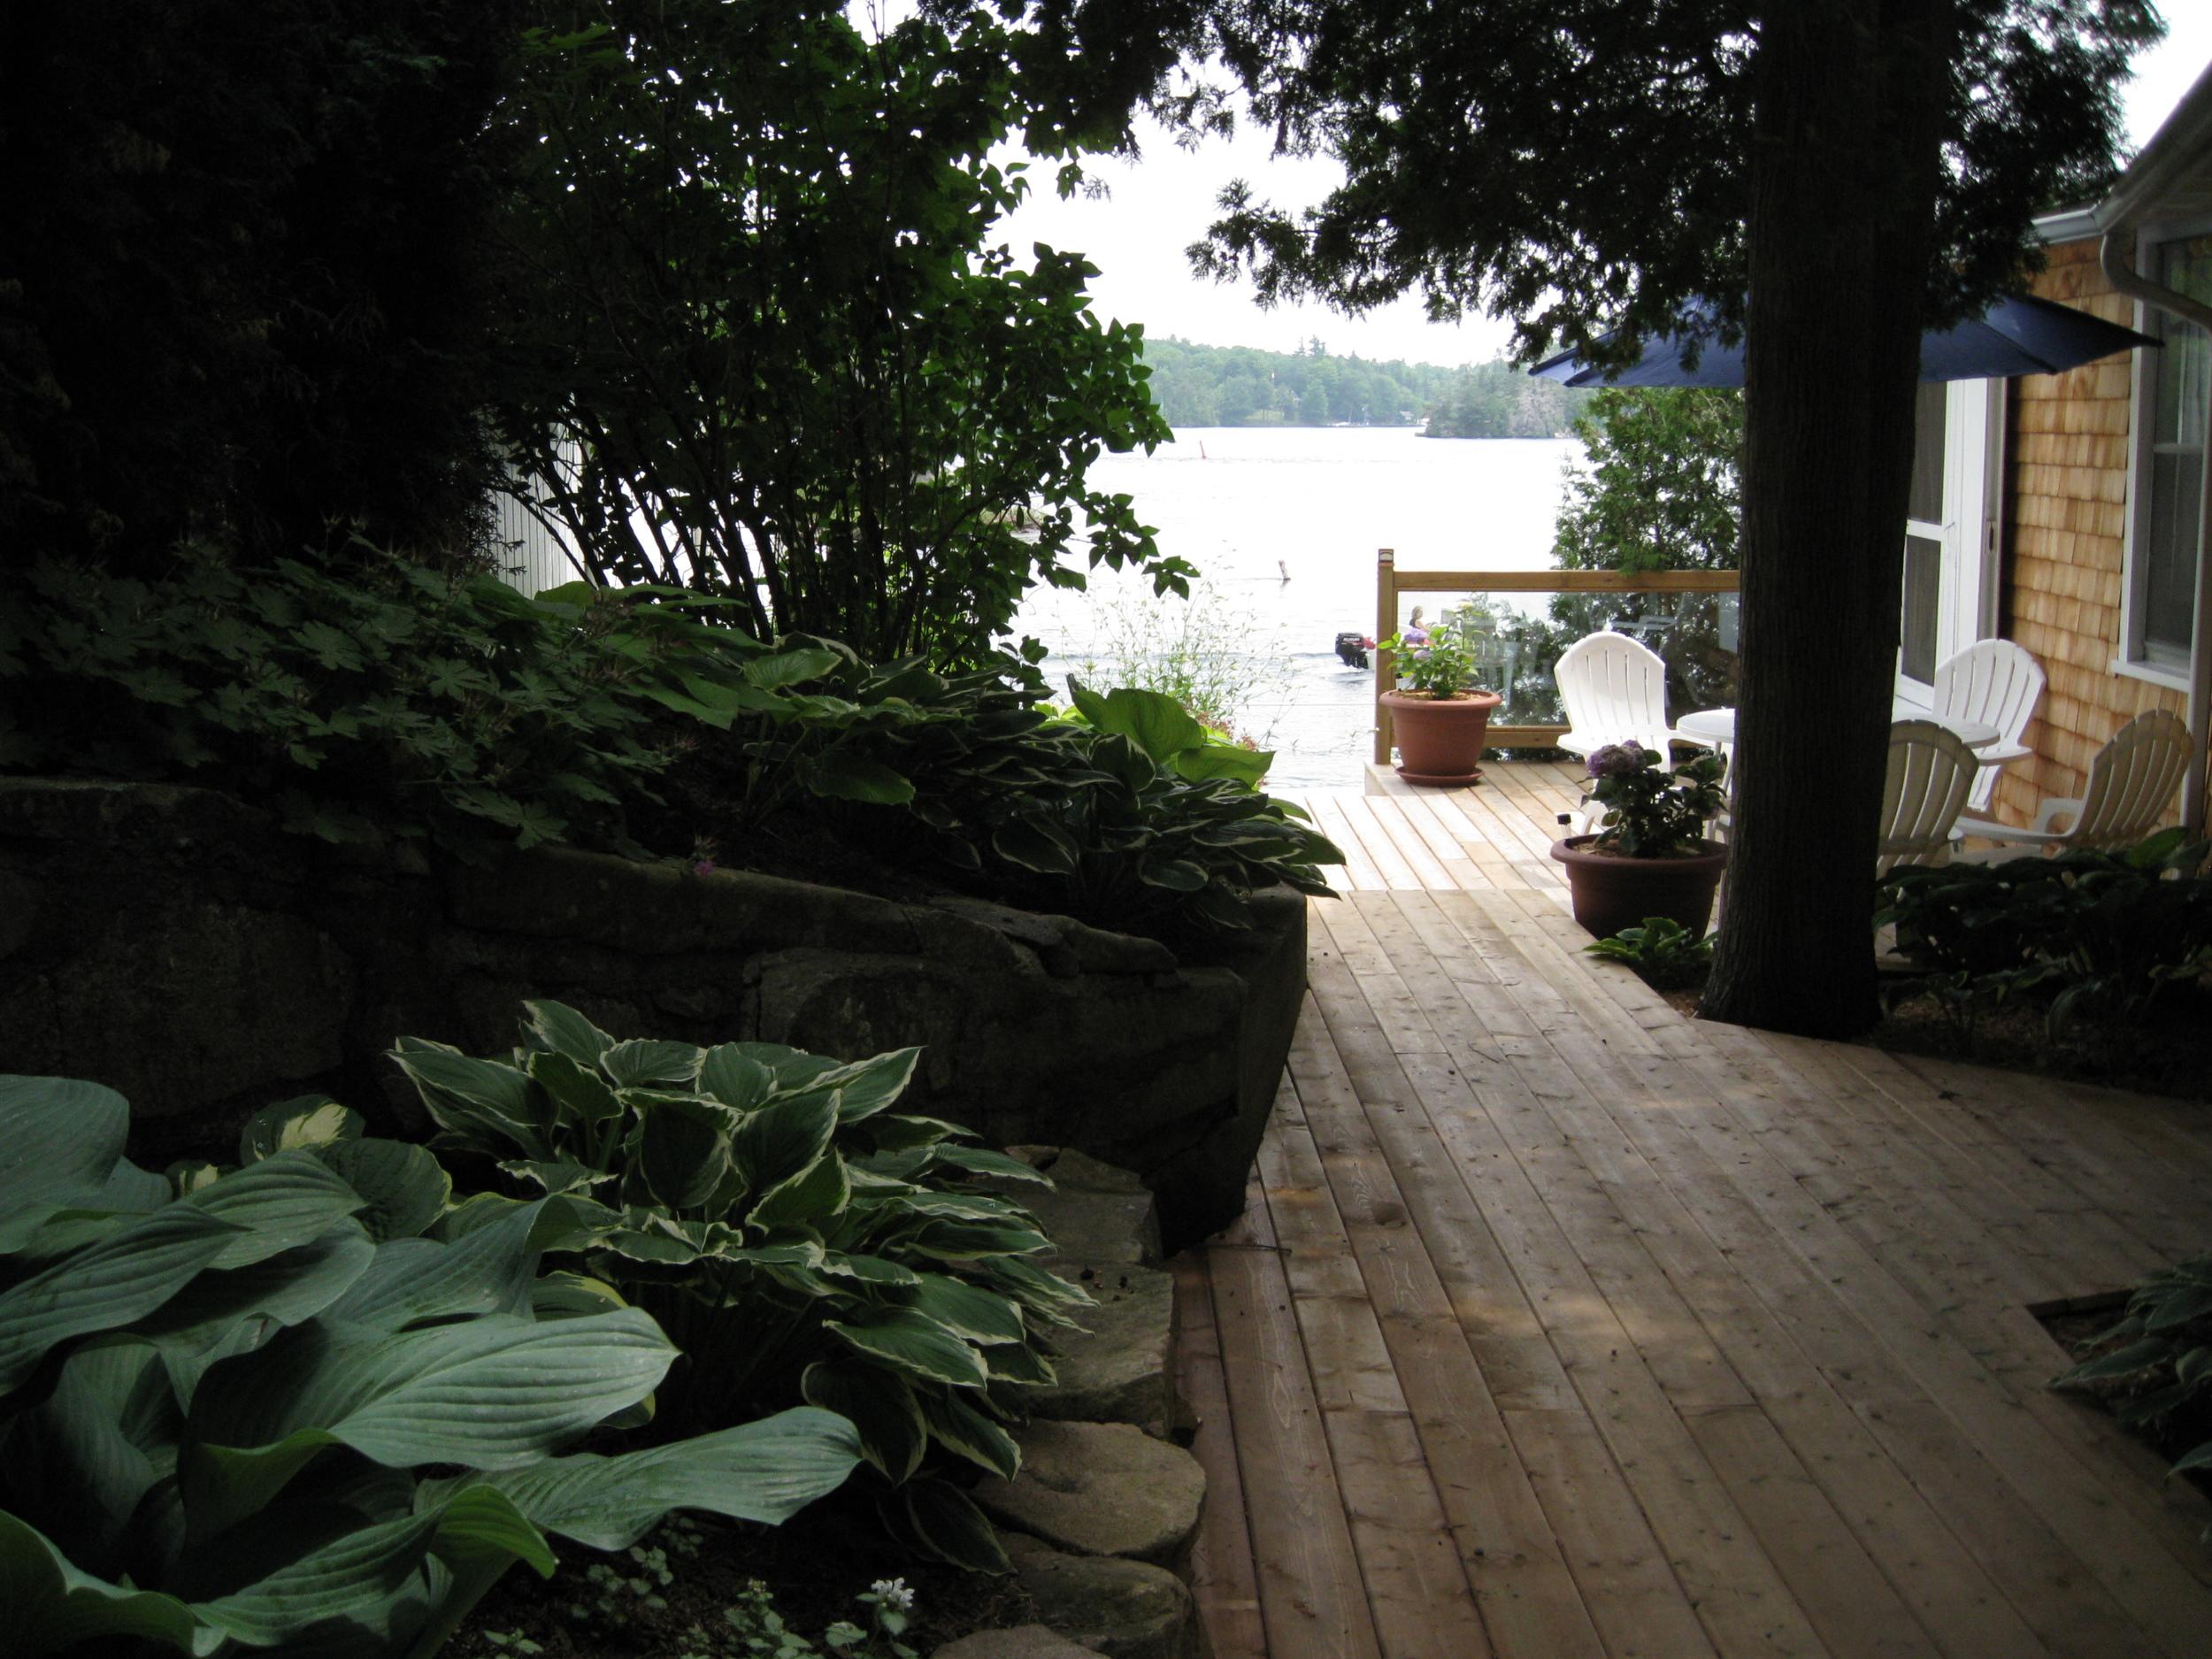 Hosta gardens